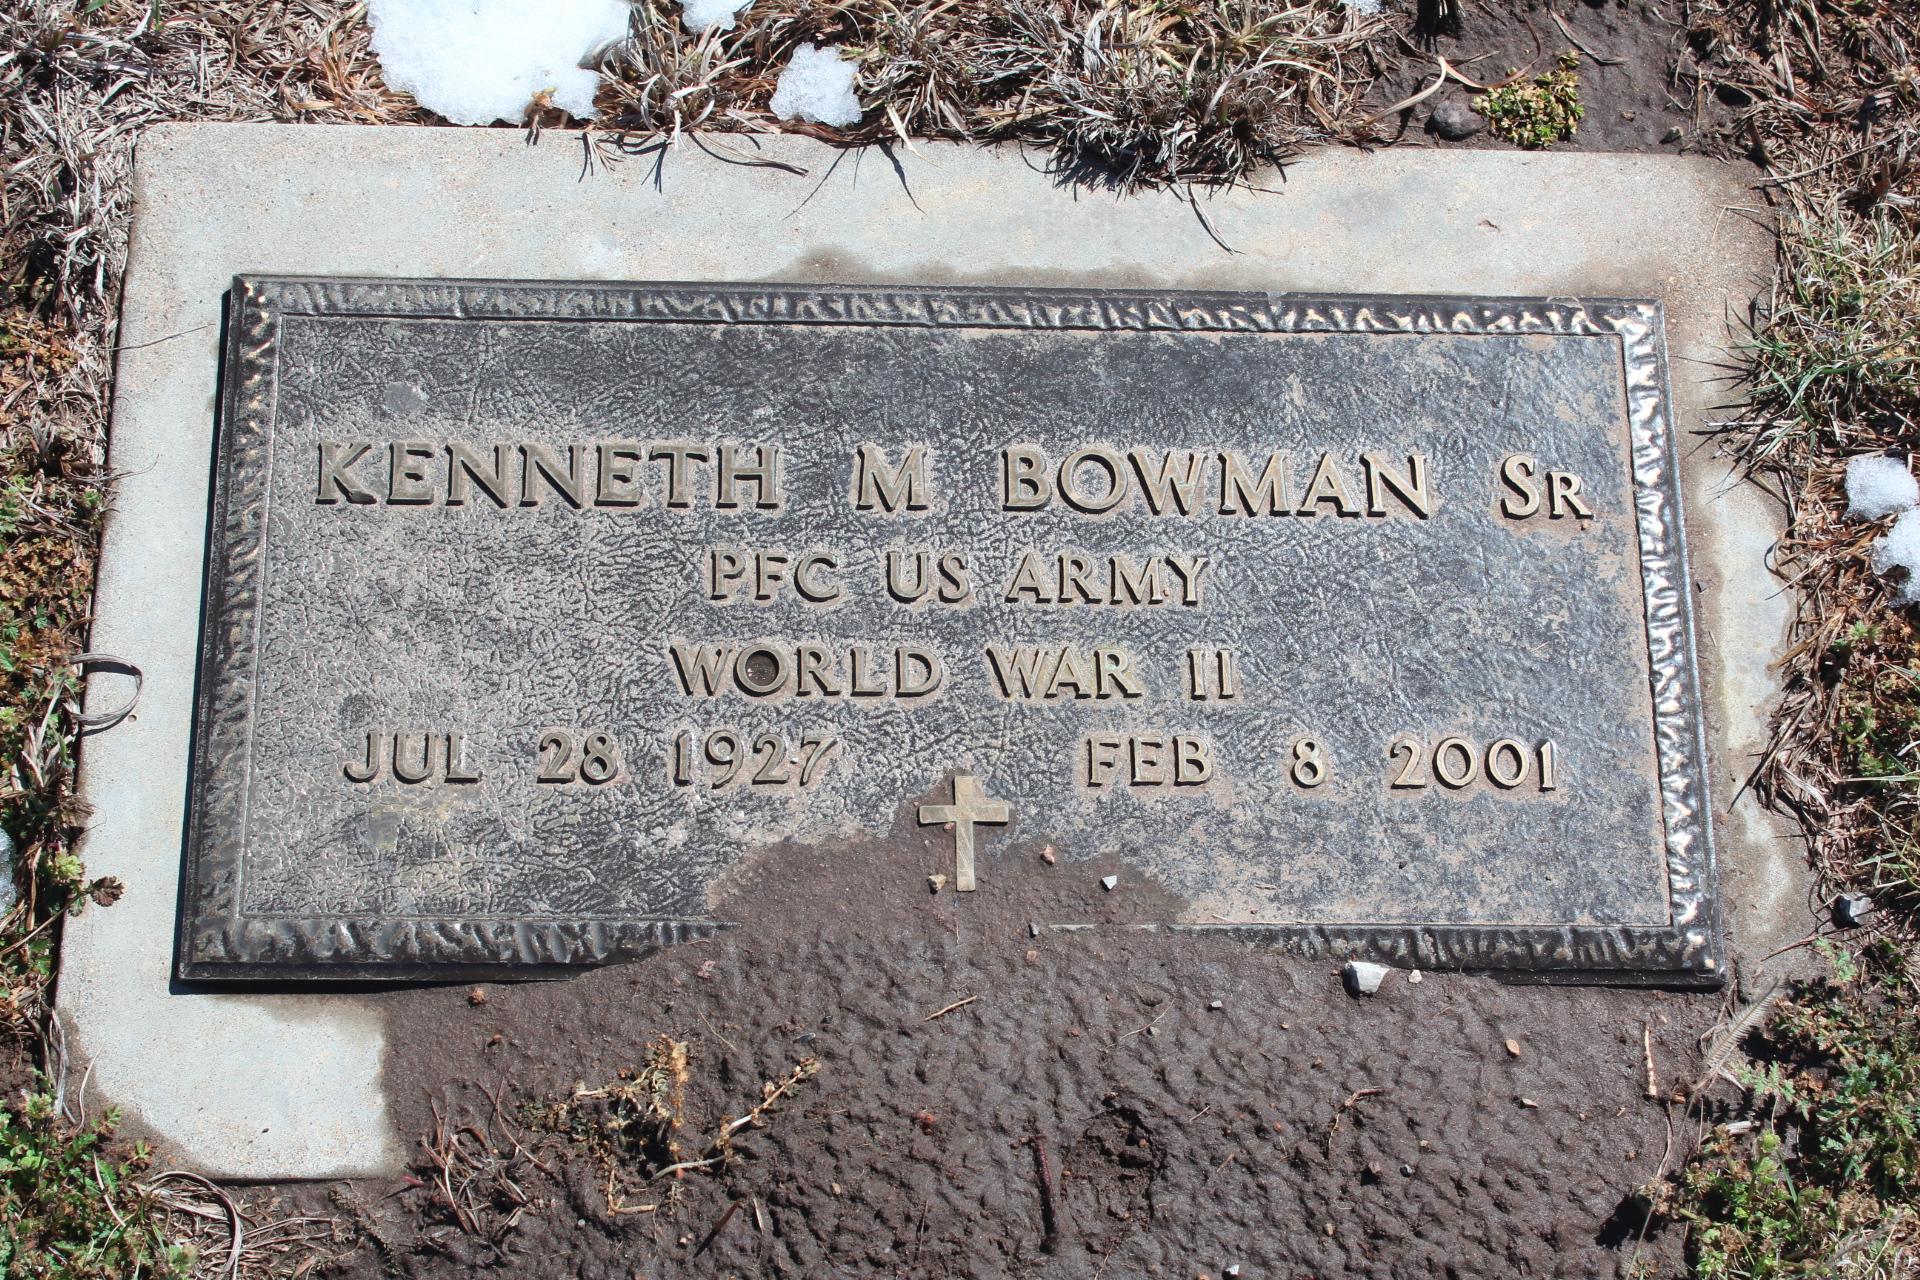 Kenneth M Bowman